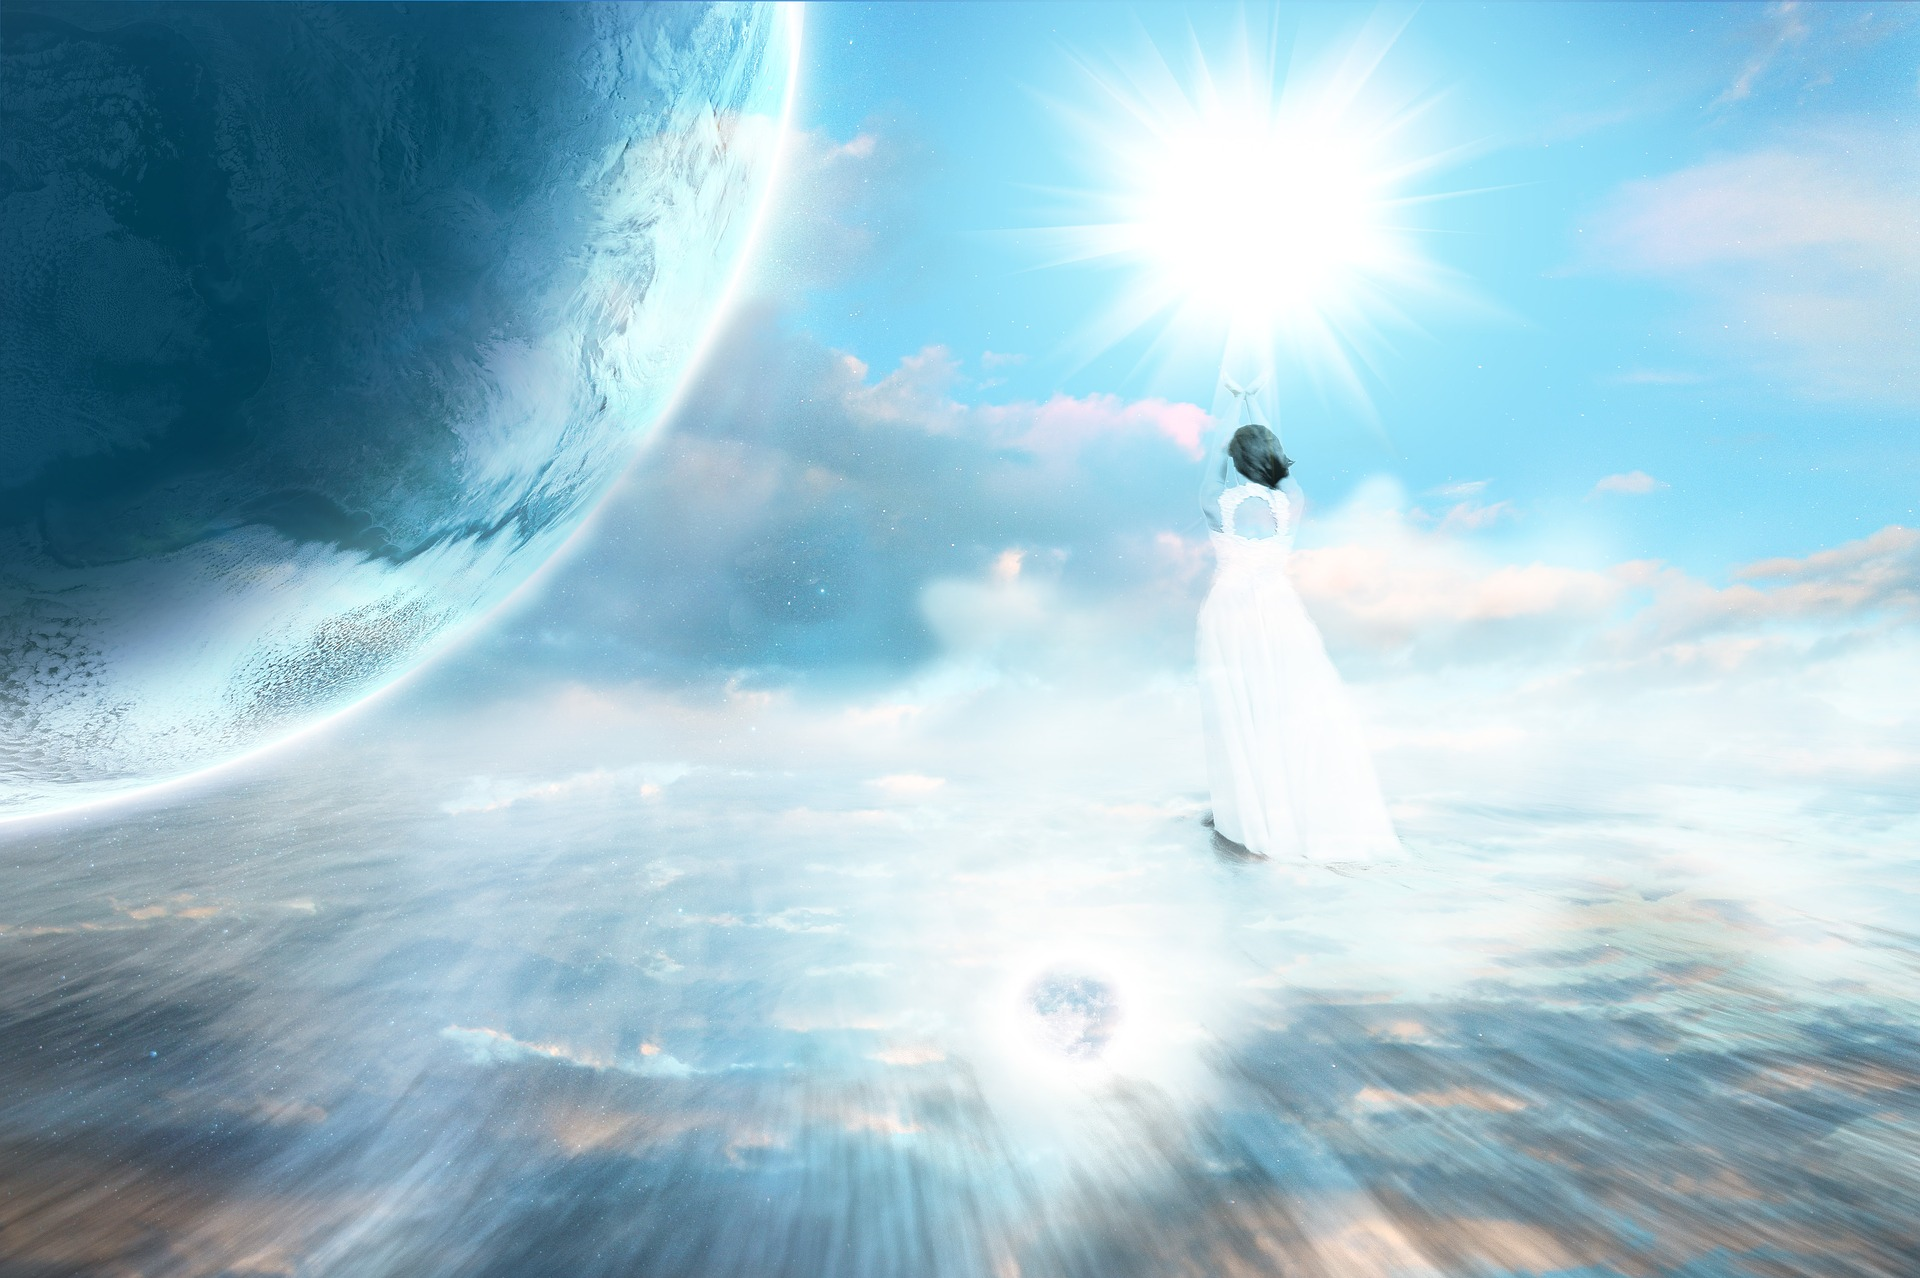 ascension-1568162_1920.jpg